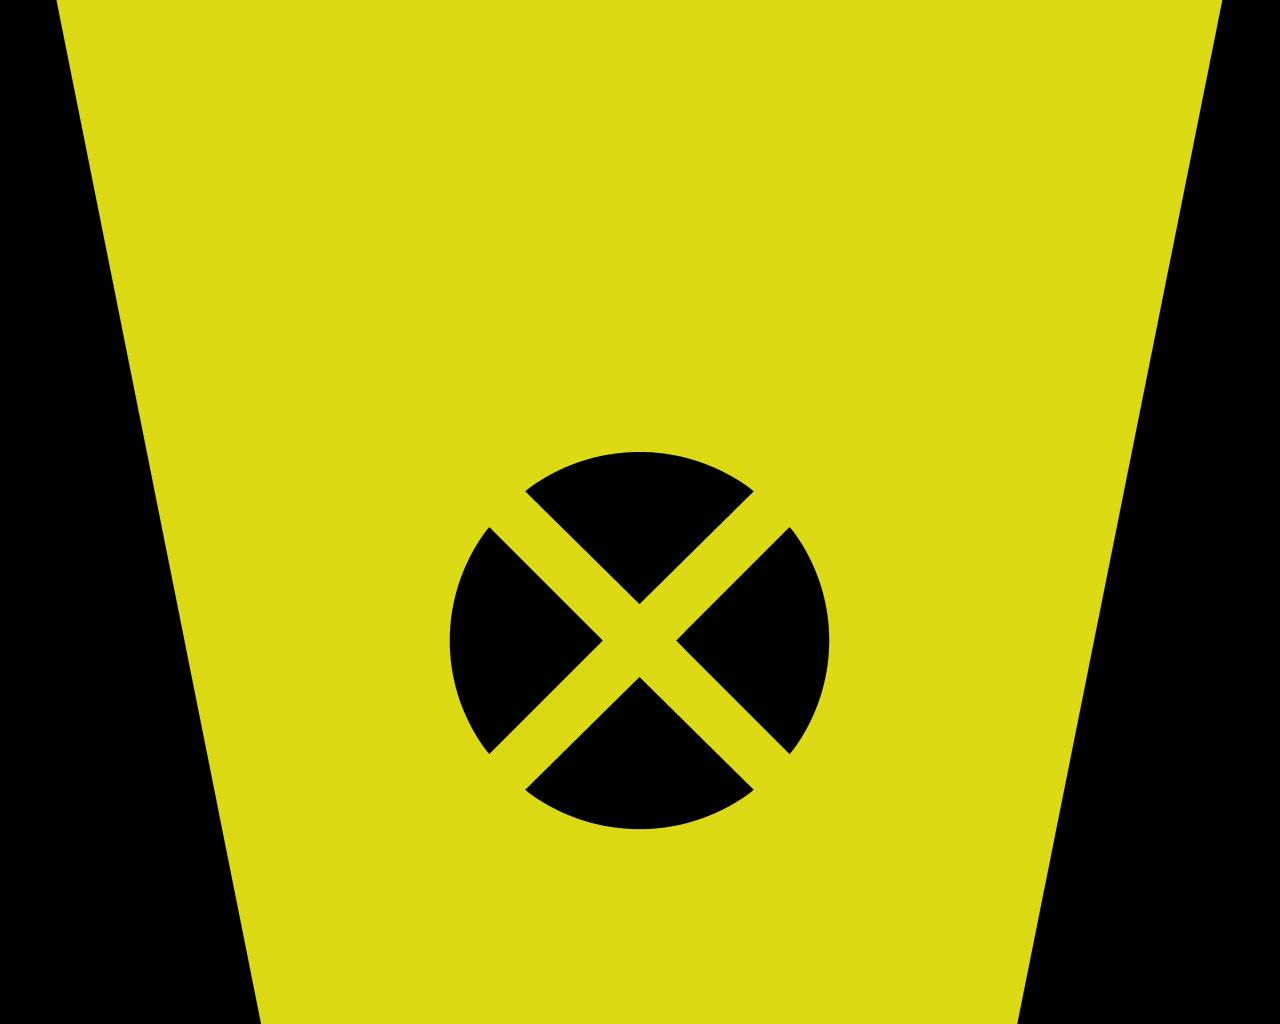 x men symbol wallpaper - photo #5